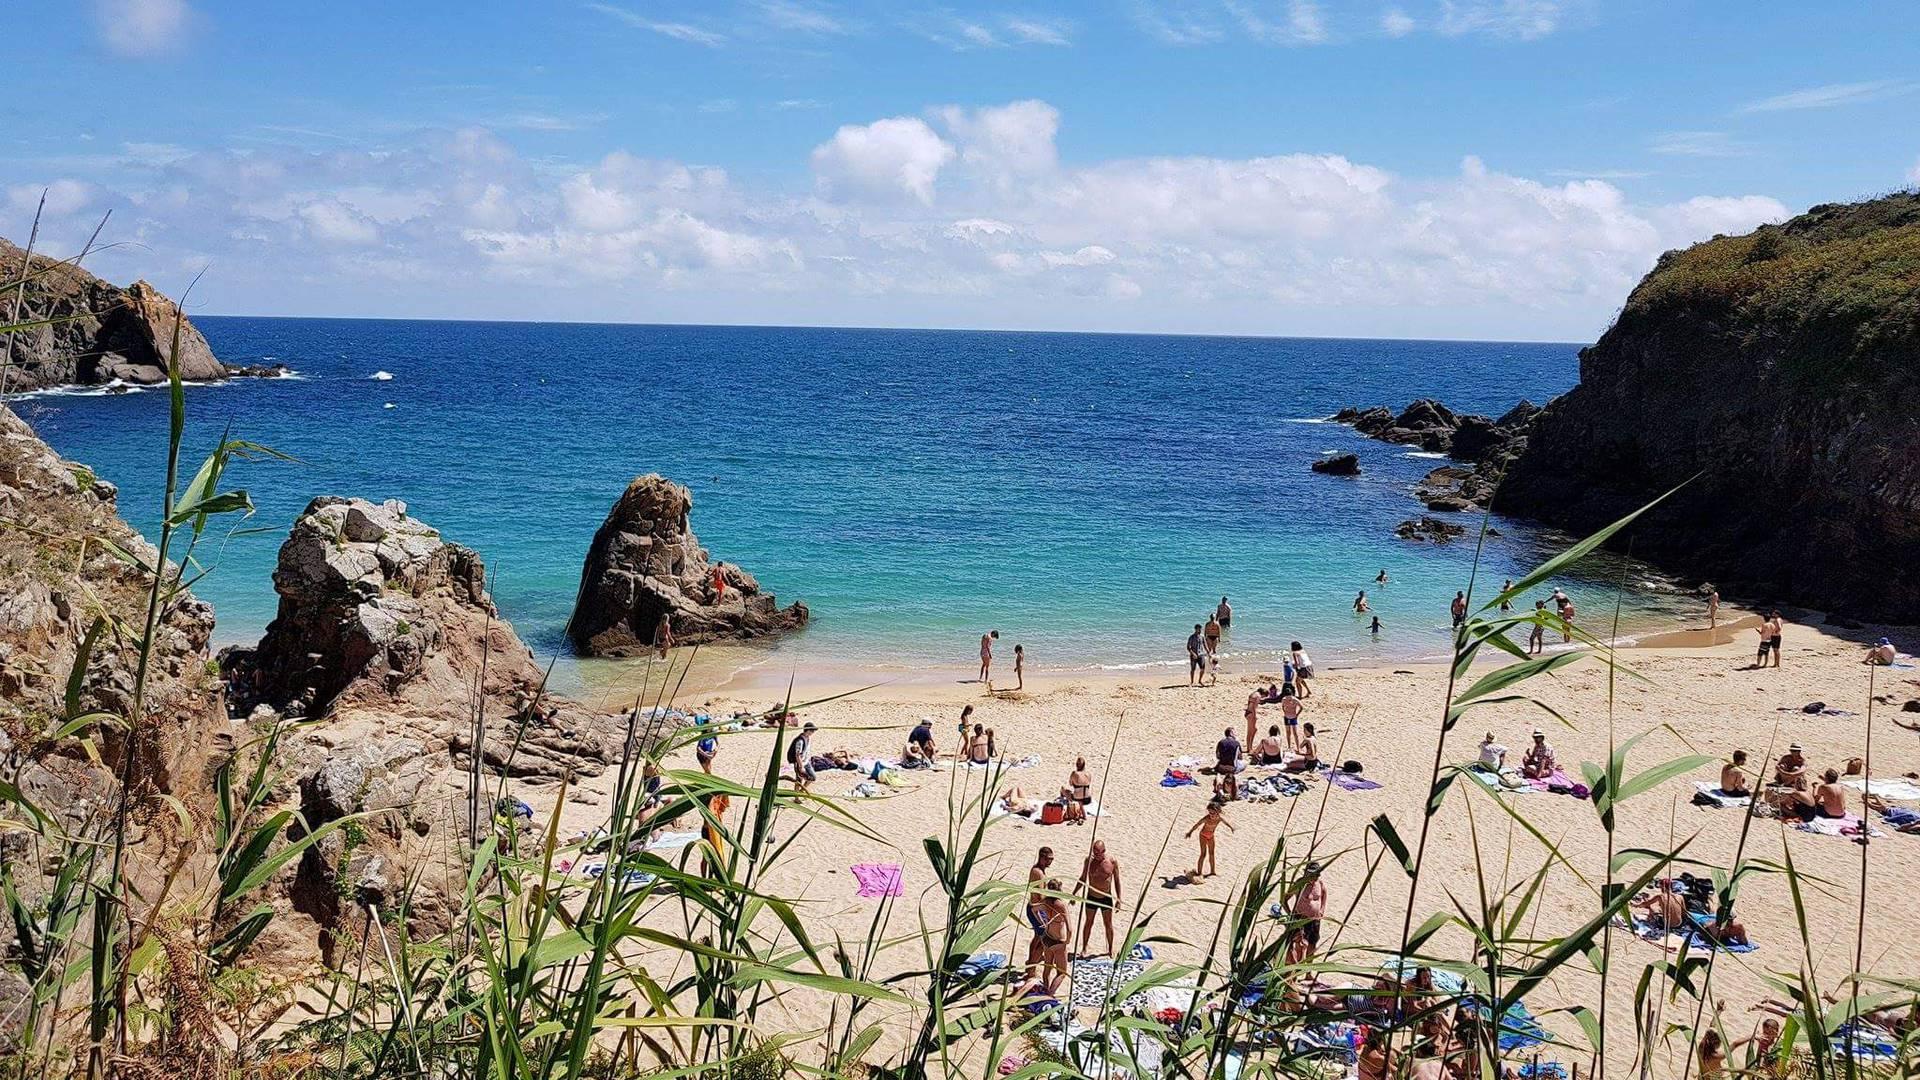 La plage des Soux, Ile d'Yeu